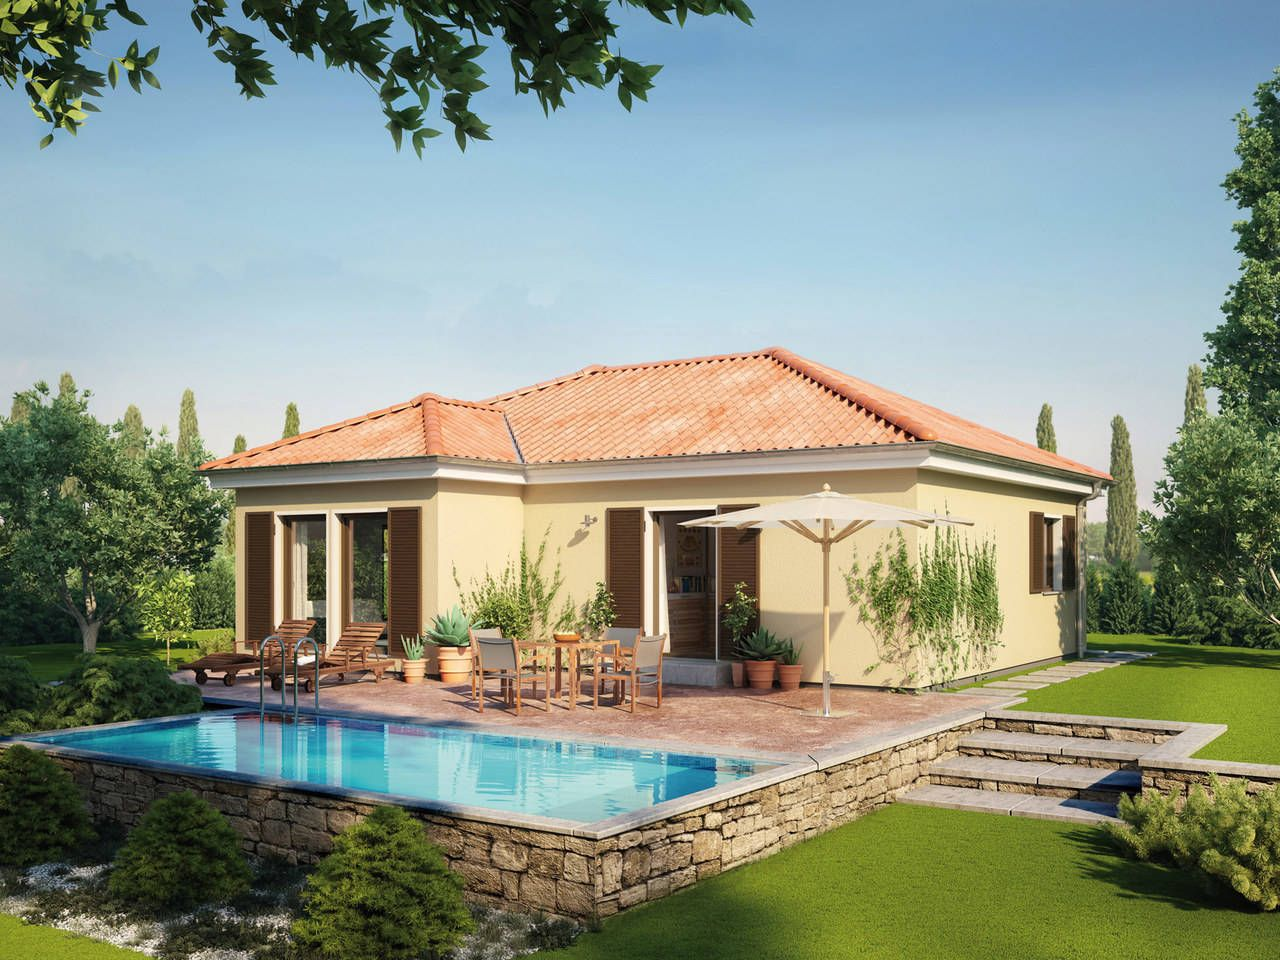 Pin von yagmur k auf To ME | Haus bungalow, Haus und Kleine häuser bauen